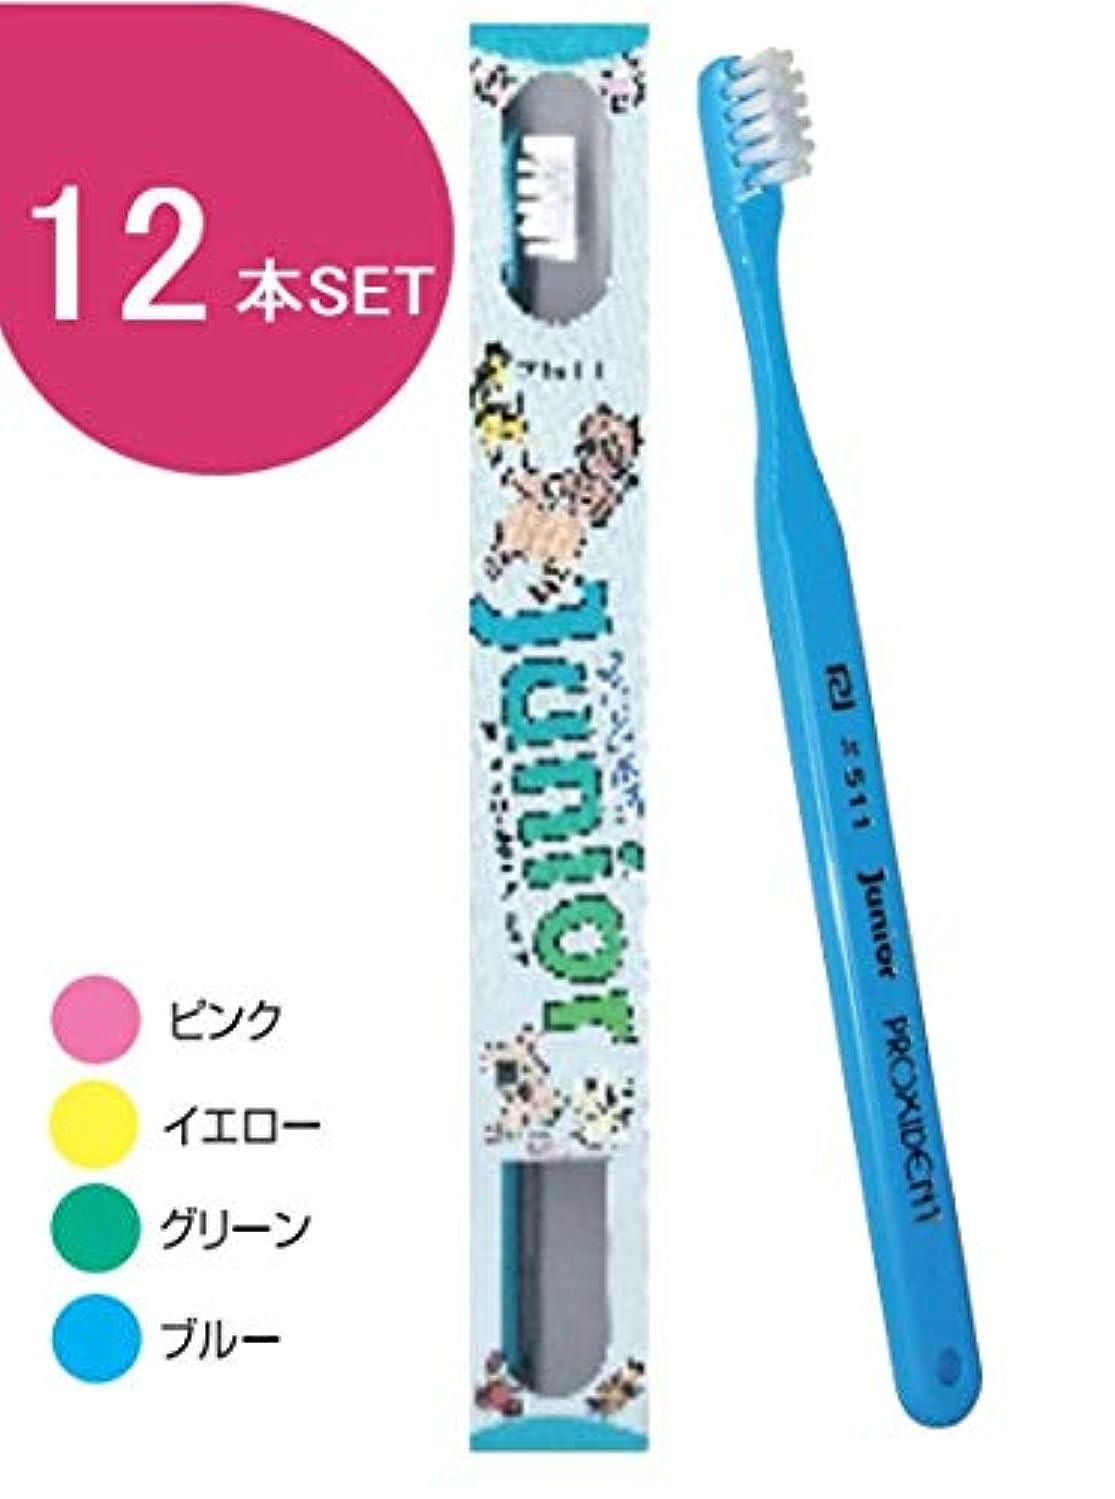 住人やさしく分注するプローデント プロキシデント ジュニア 歯ブラシ #511 混合歯列期に… (12本)